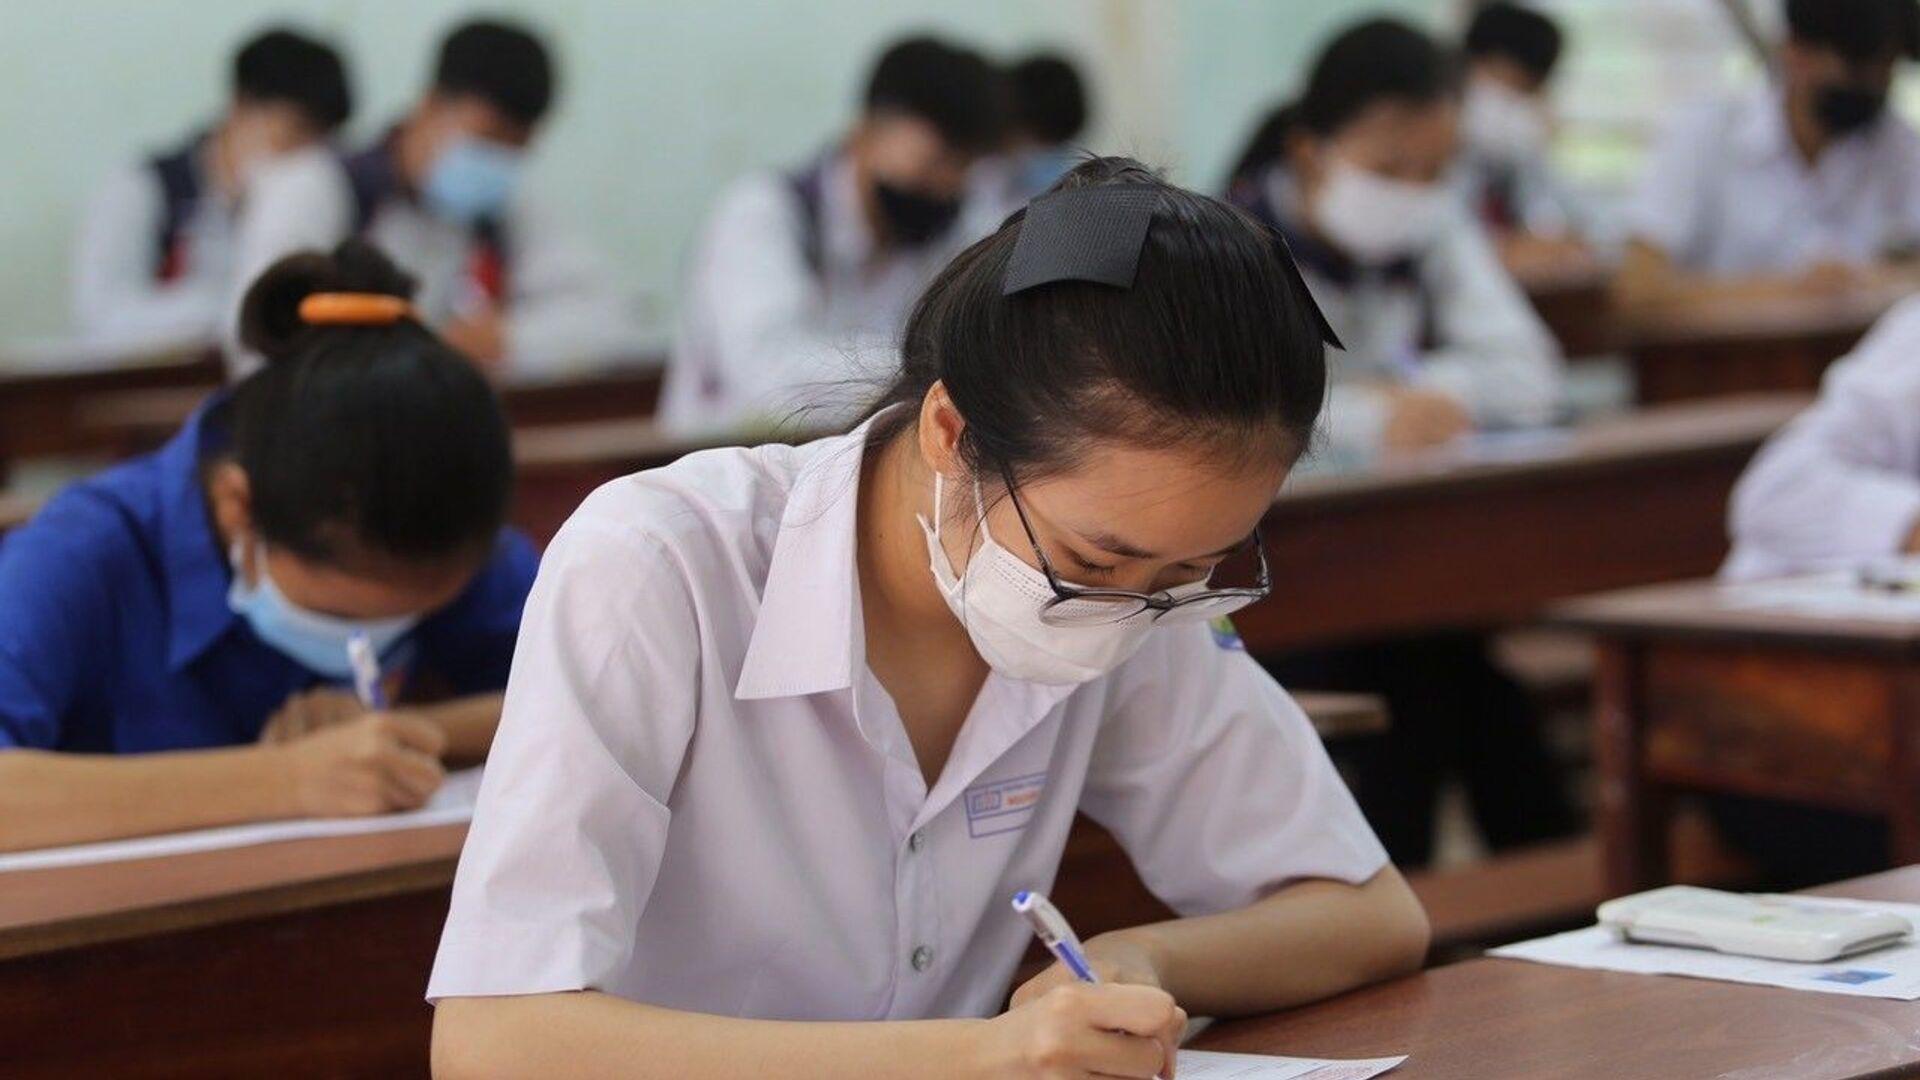 Kỳ thi Tốt nghiệp THPT năm 2021 tại Gia Lai kết thúc an toàn, nghiêm túc, đúng quy chế. - Sputnik Việt Nam, 1920, 31.08.2021